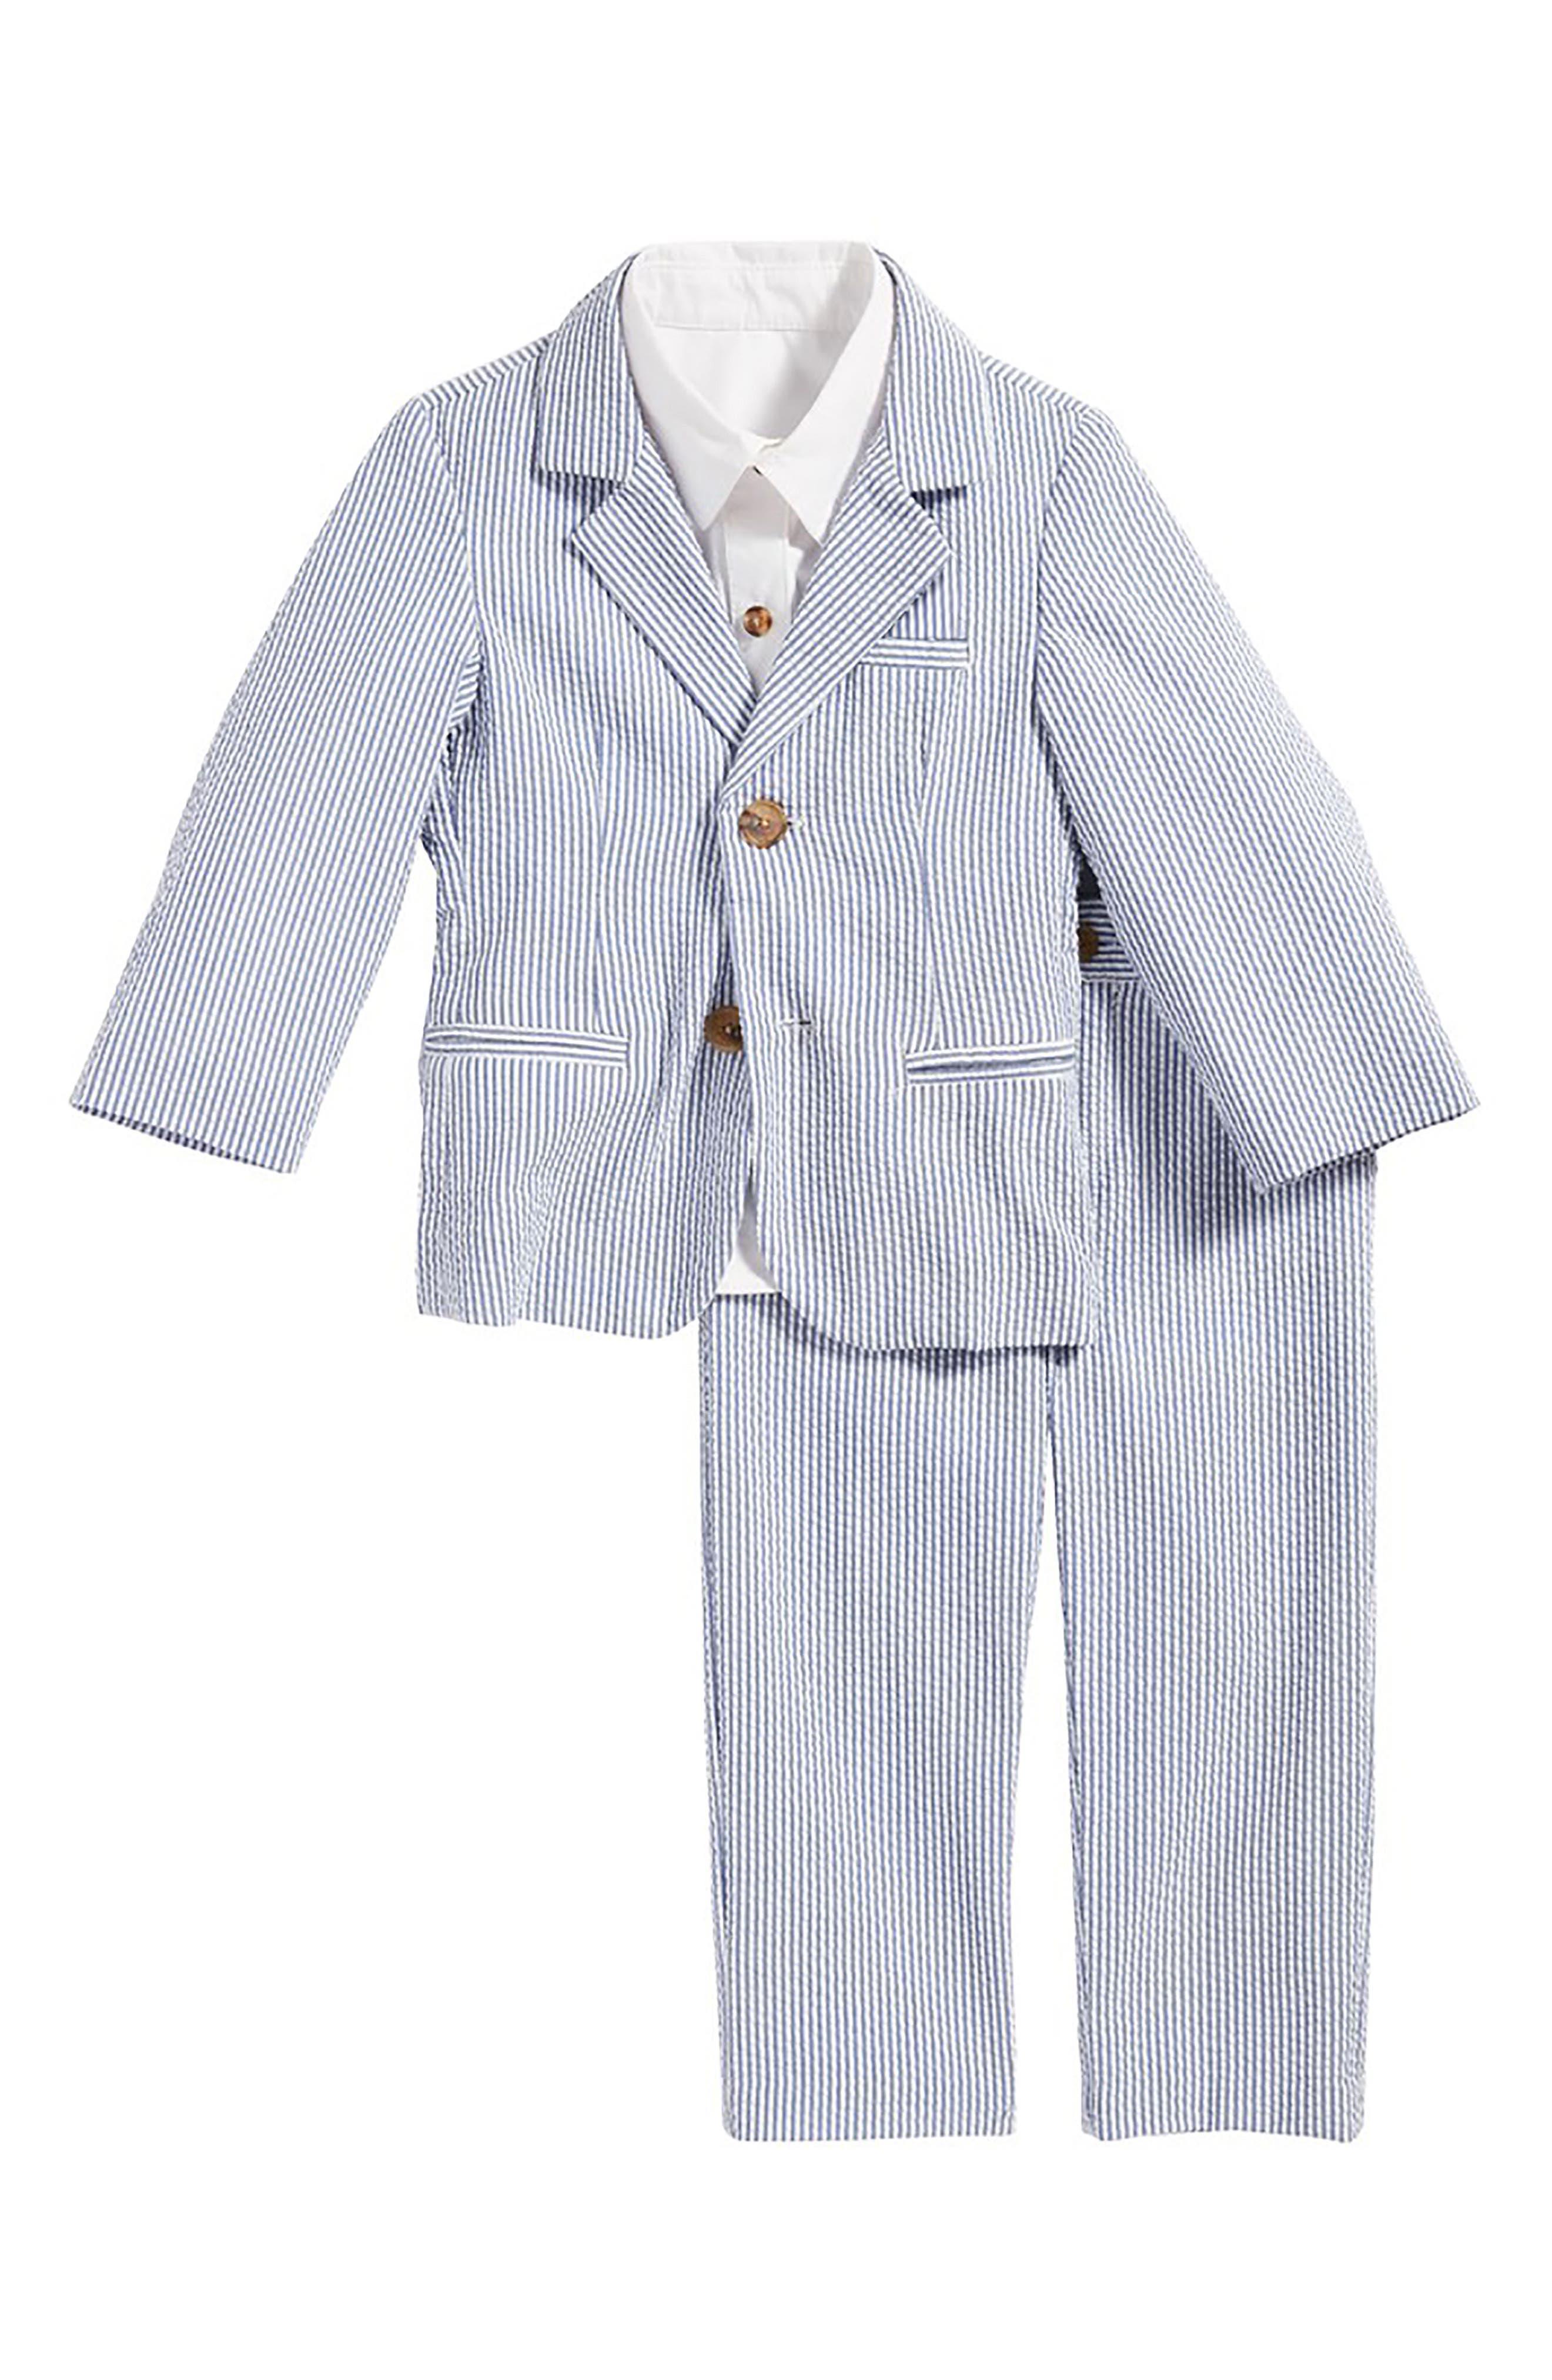 Seersucker Suit Set,                         Main,                         color, 402